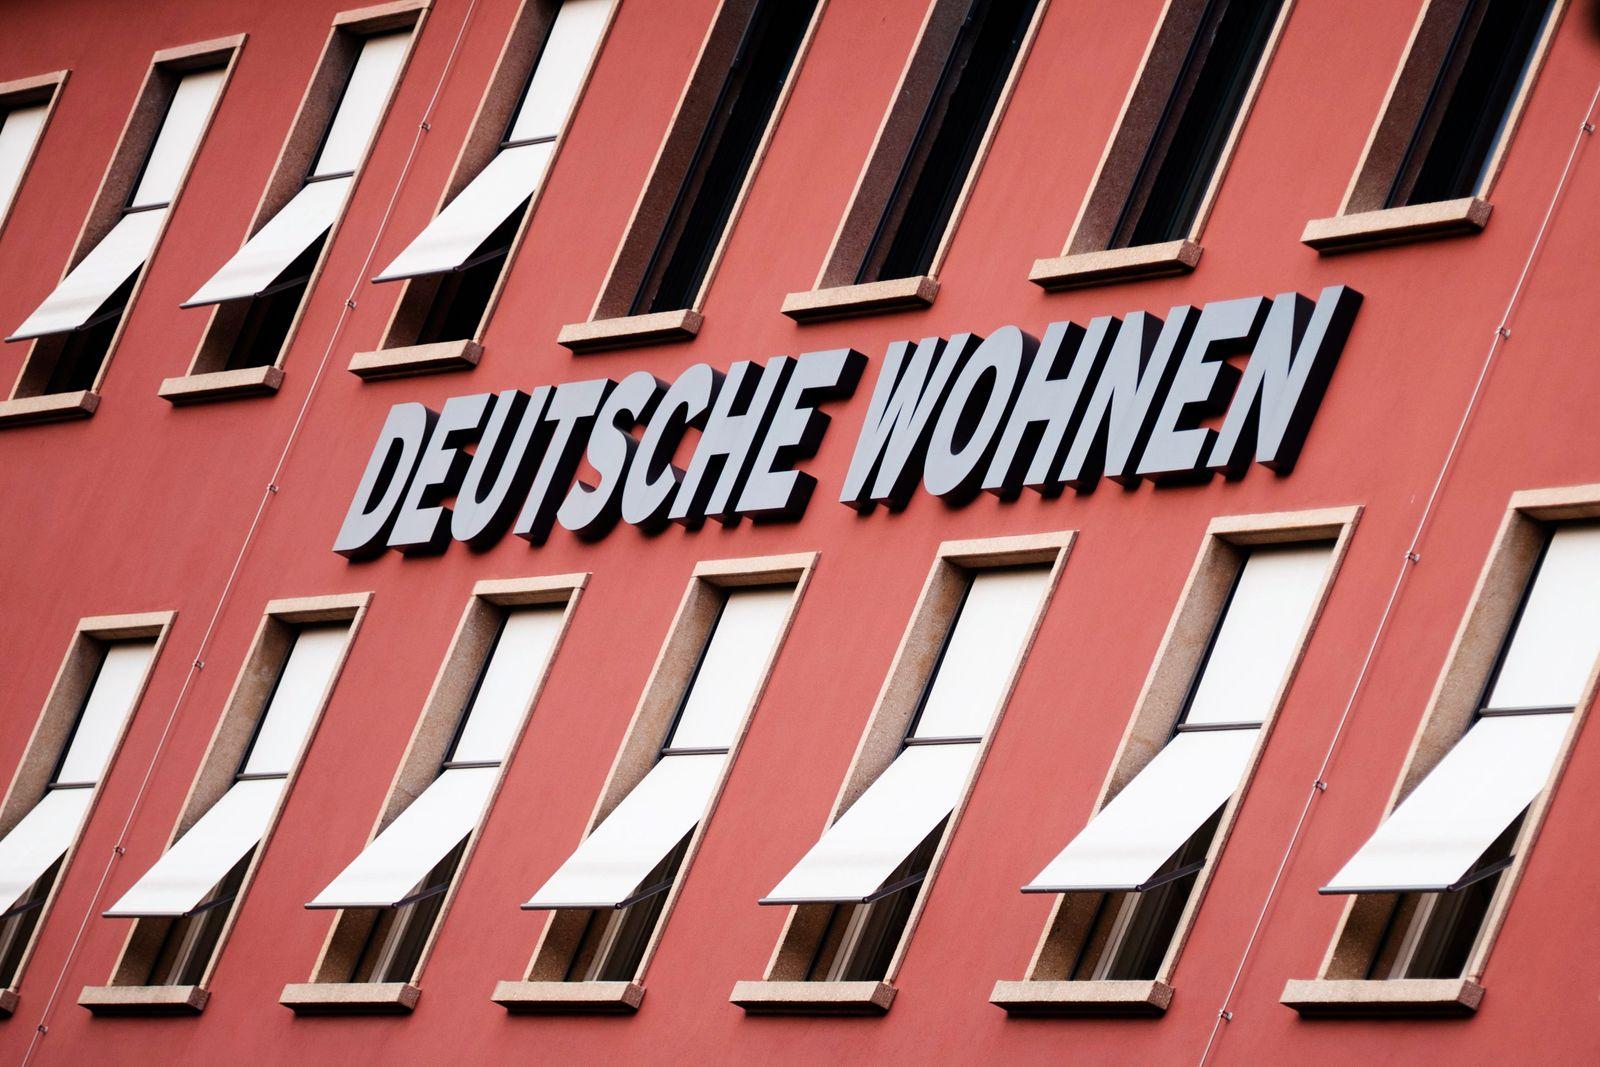 Börsennotierte Wohnungsgesellschaft Deutsche Wohnen